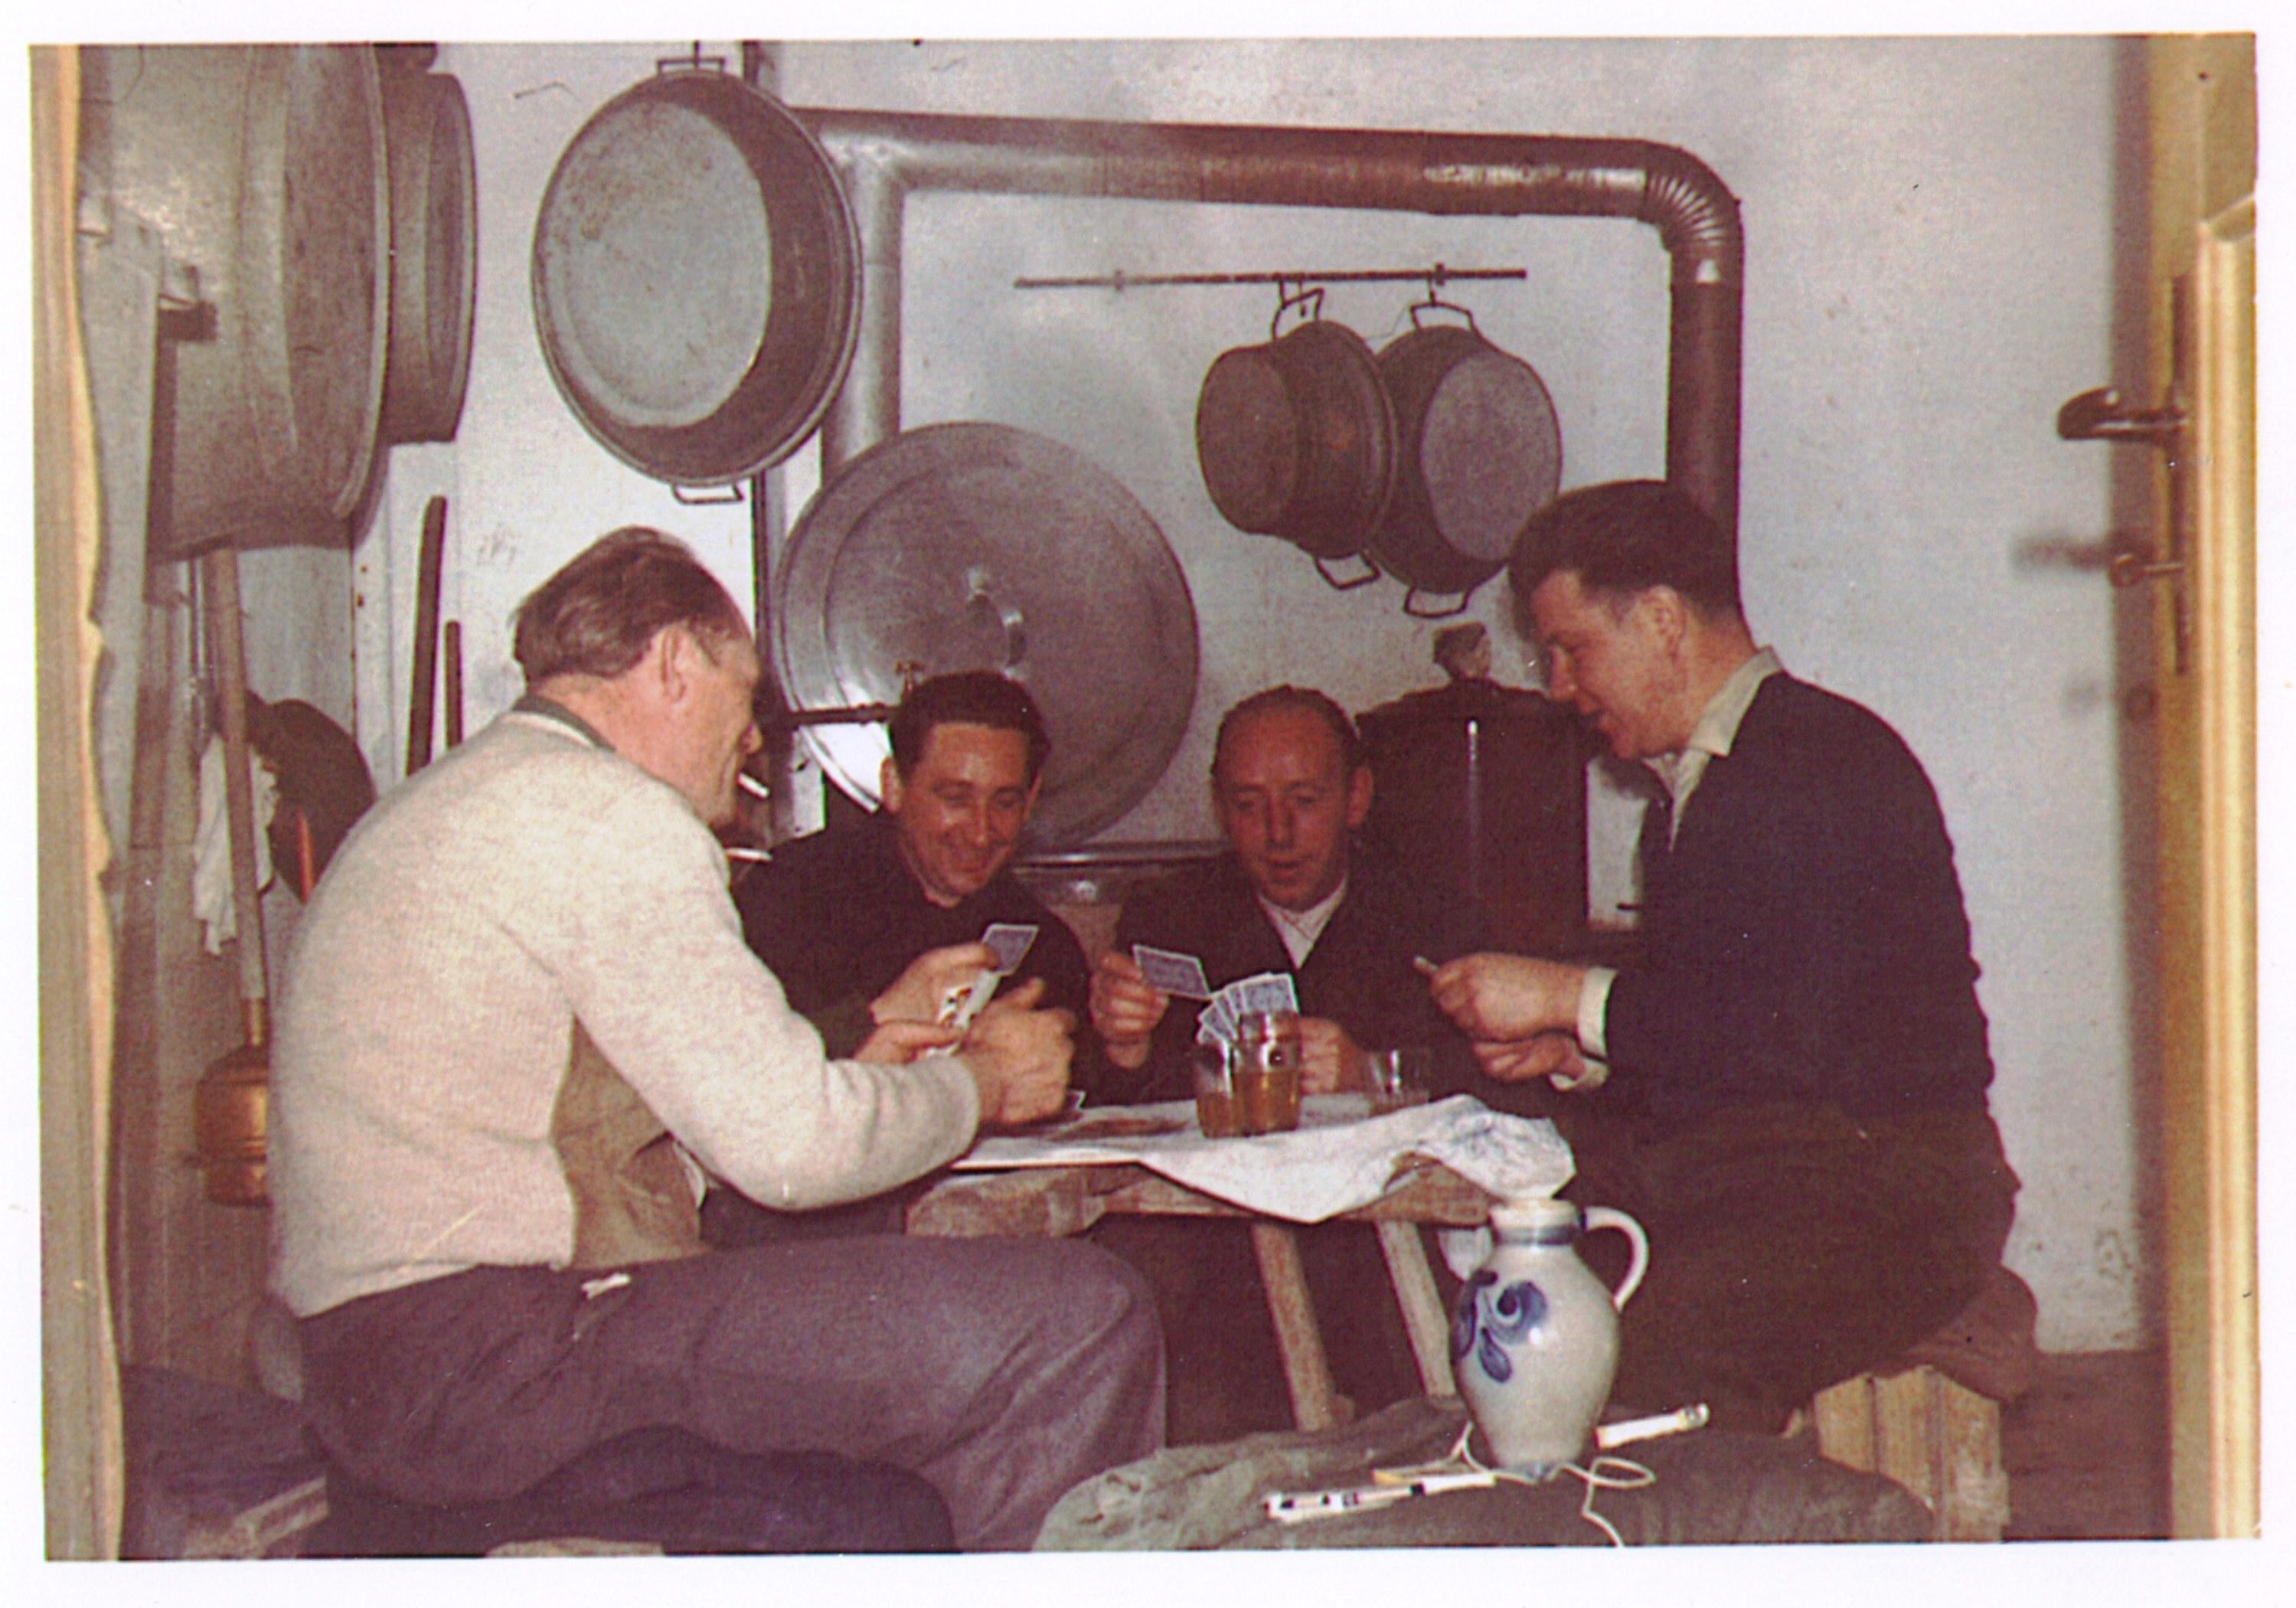 1955 - Kameraden beim Kartenspiel im Keller von Alfred Becht mit Edgar Beltz-Otto Becht-Adolf Nickel und Alfred Becht